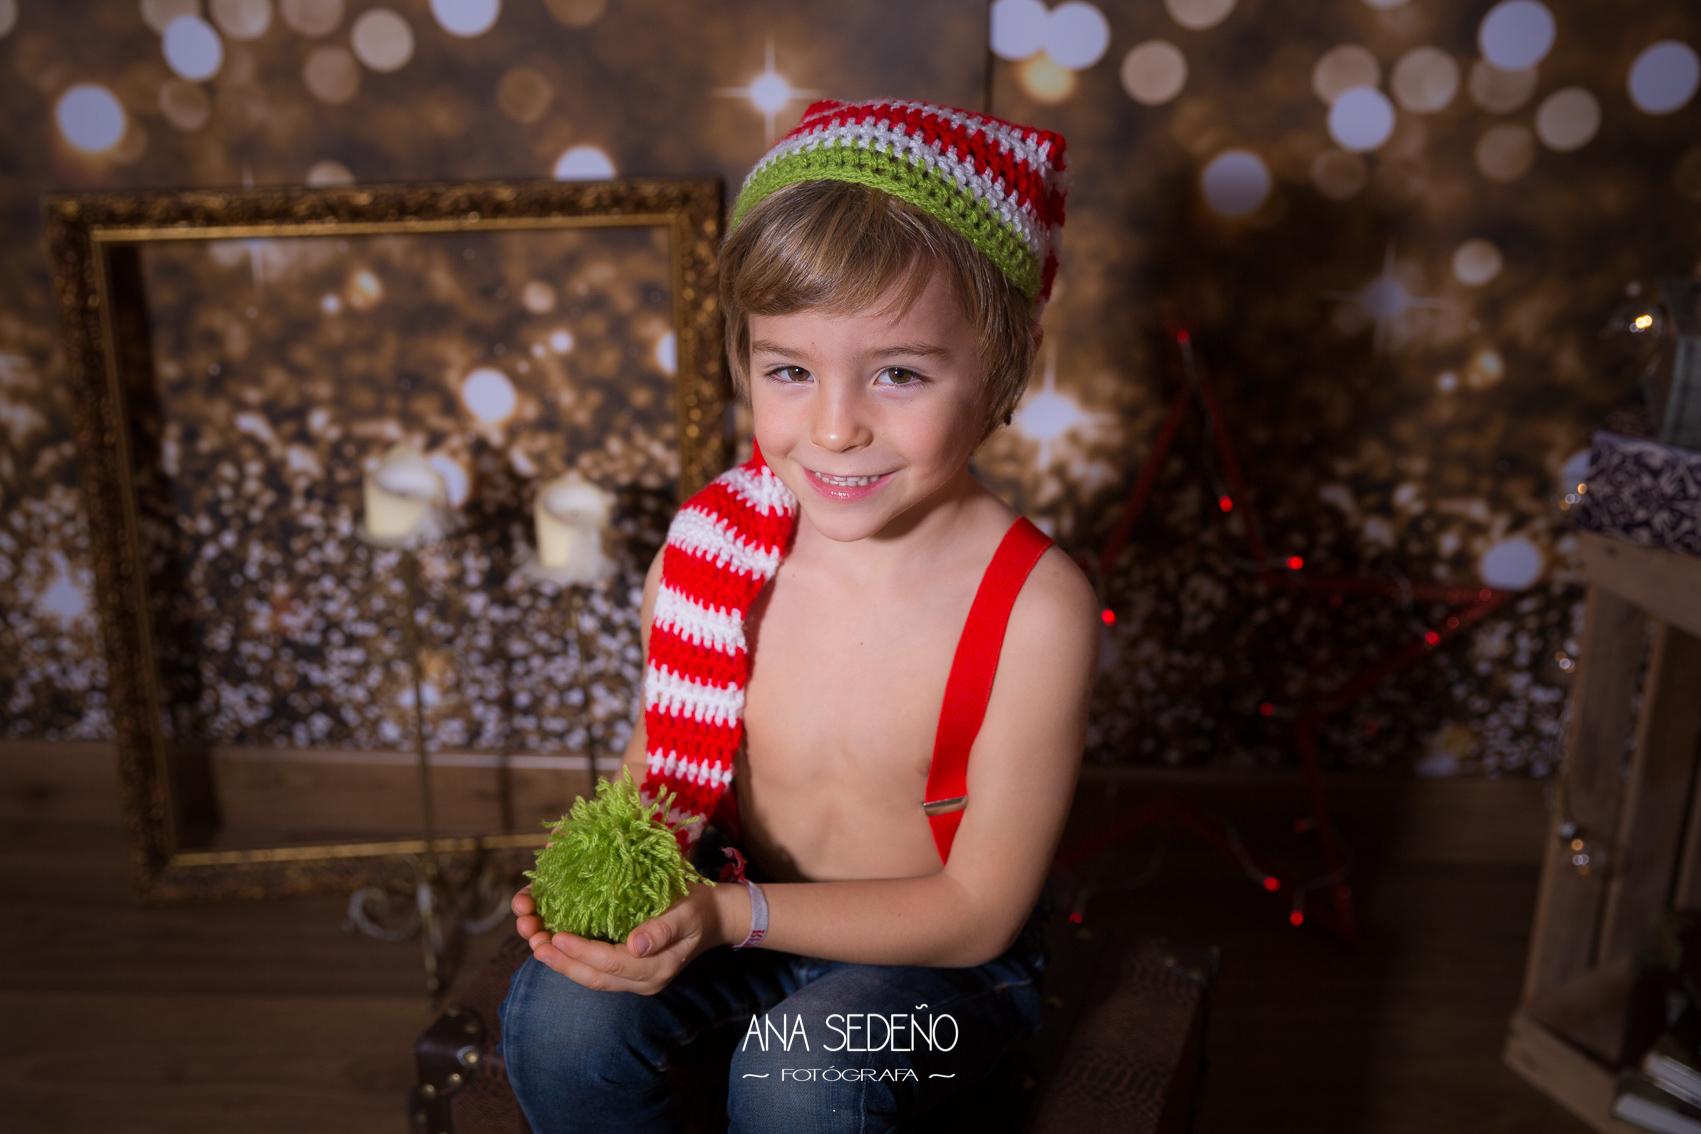 ana-seden%cc%83o-fotografa-asm_8508